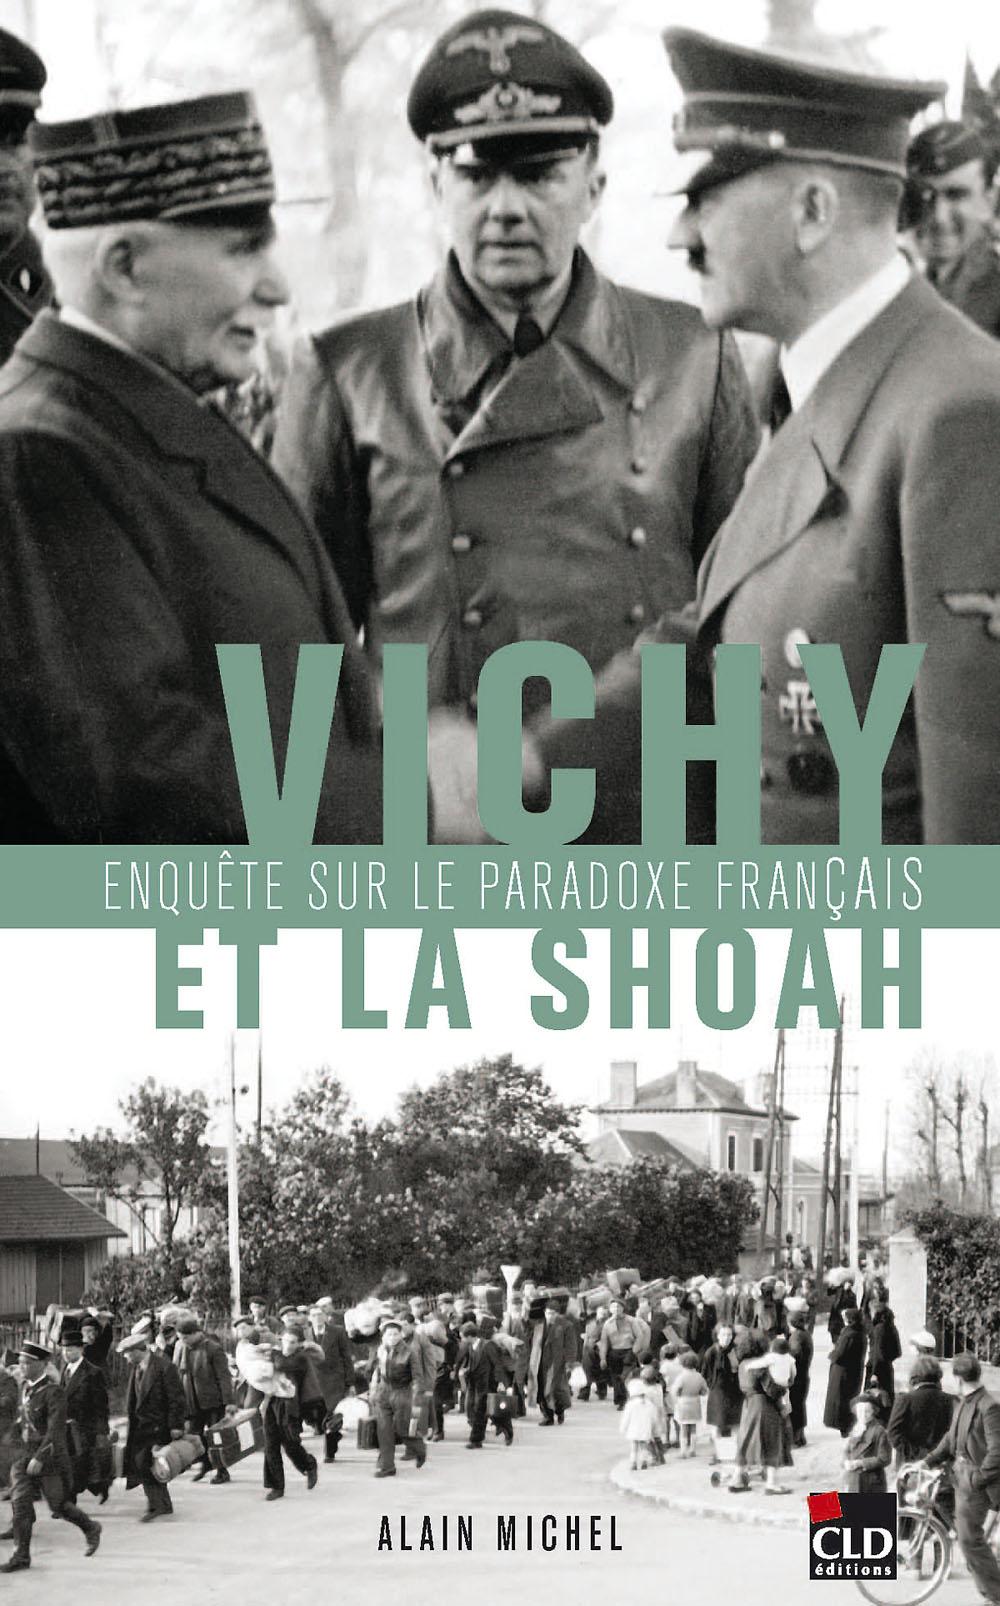 https://i2.wp.com/prisons-cherche-midi-mauzac.com/wp-content/uploads/2012/03/vichy-et-la-shoah-le-paradoxe-francais.jpg